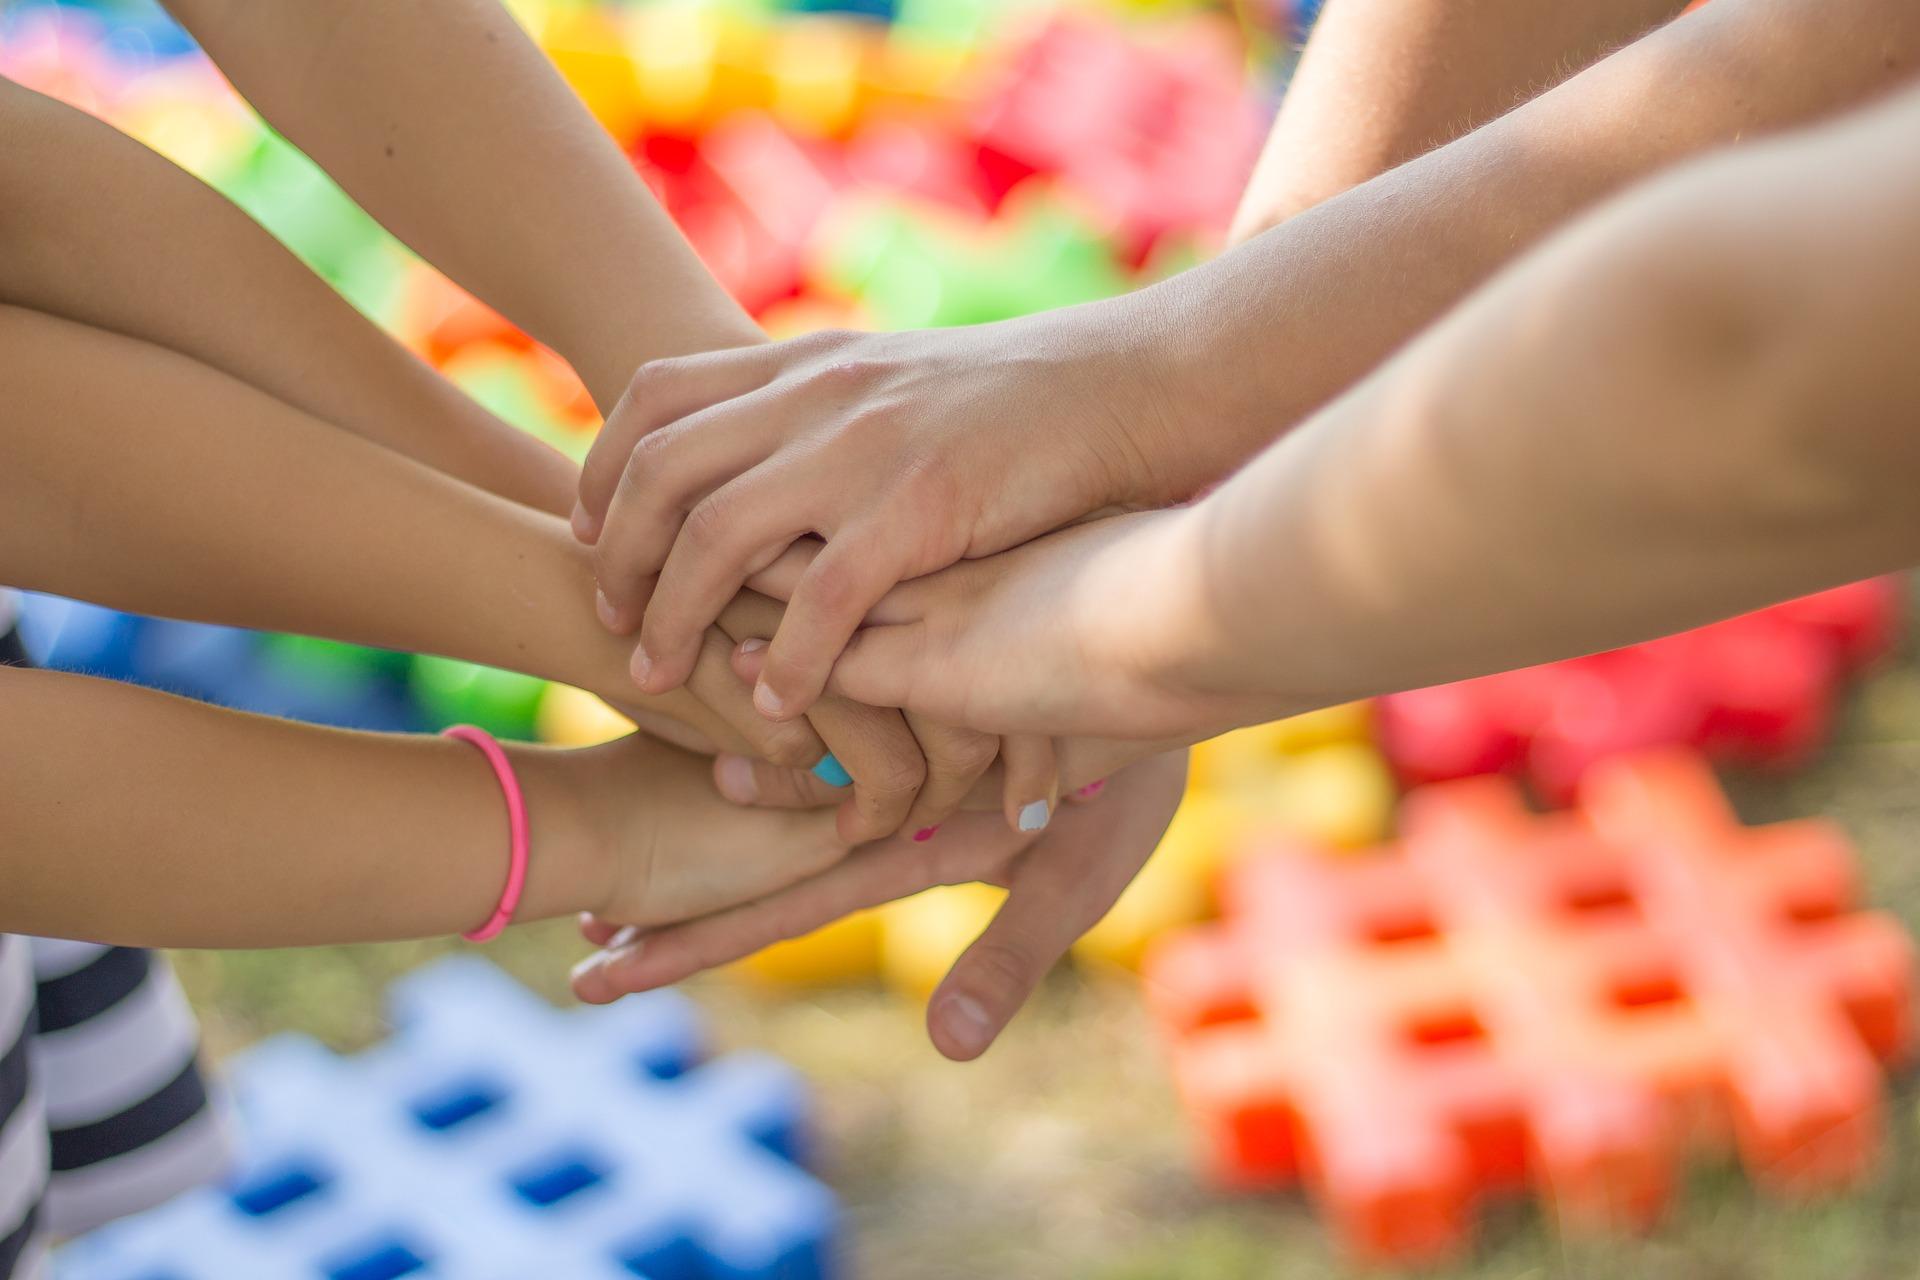 Olsztyn: Program Współpracy z organizacjami pozarządowymi - trwają konsultacje